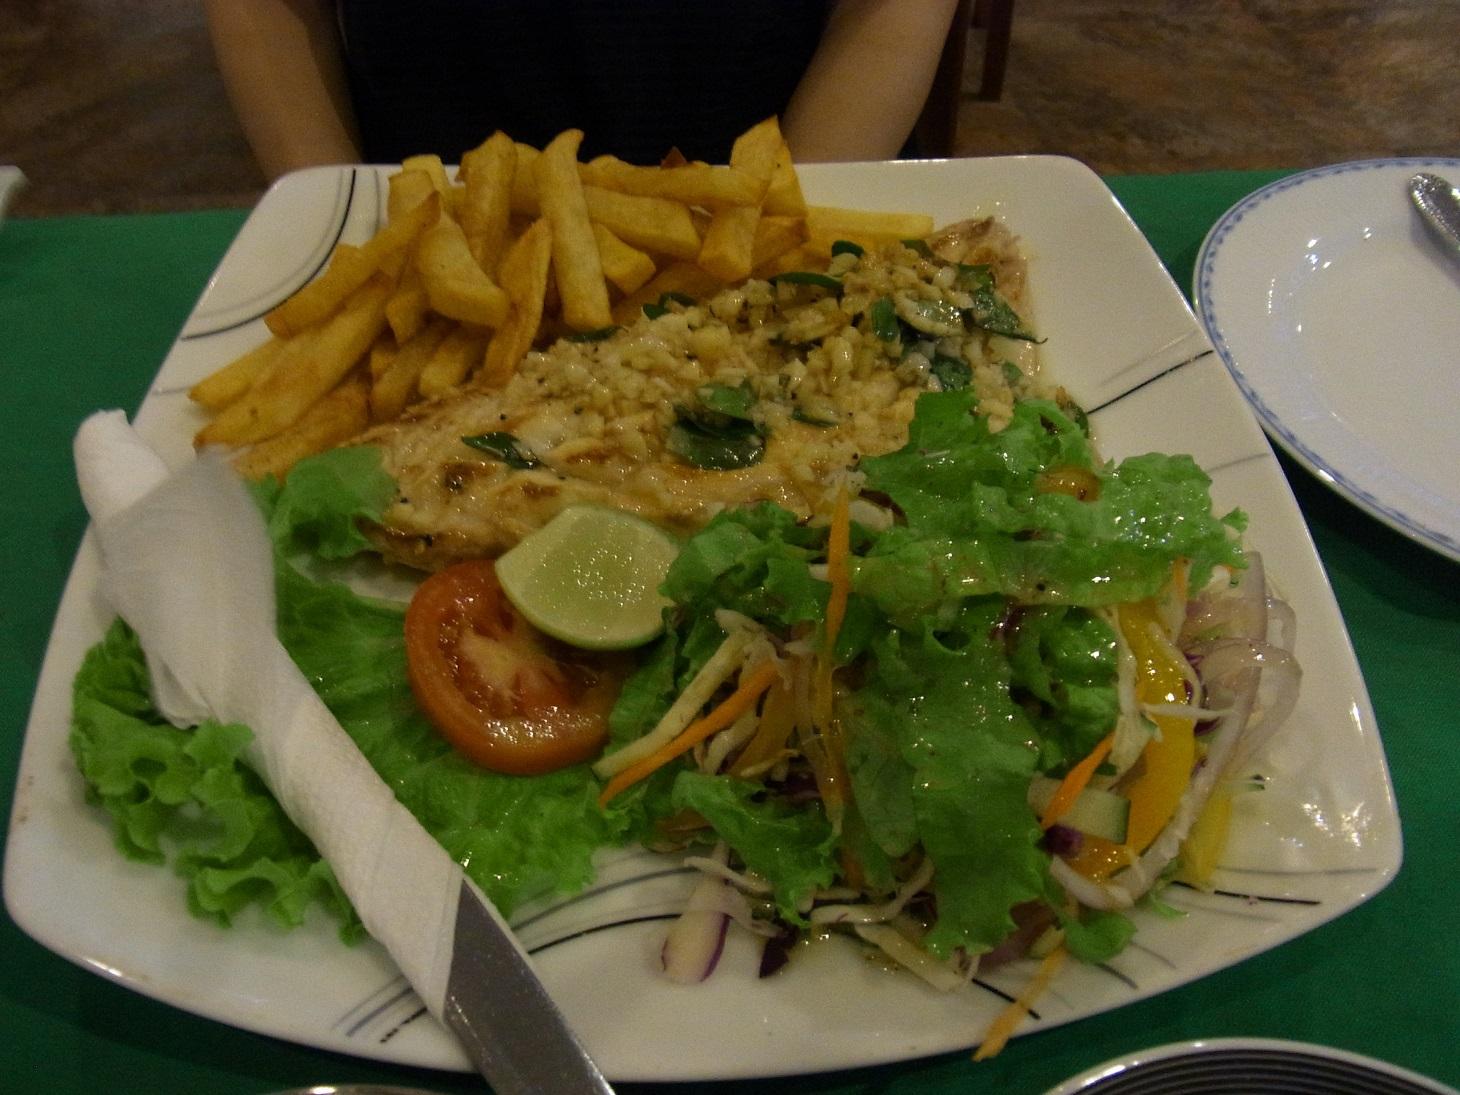 スリランカで食べたり飲んだりして元気になった!_1_3